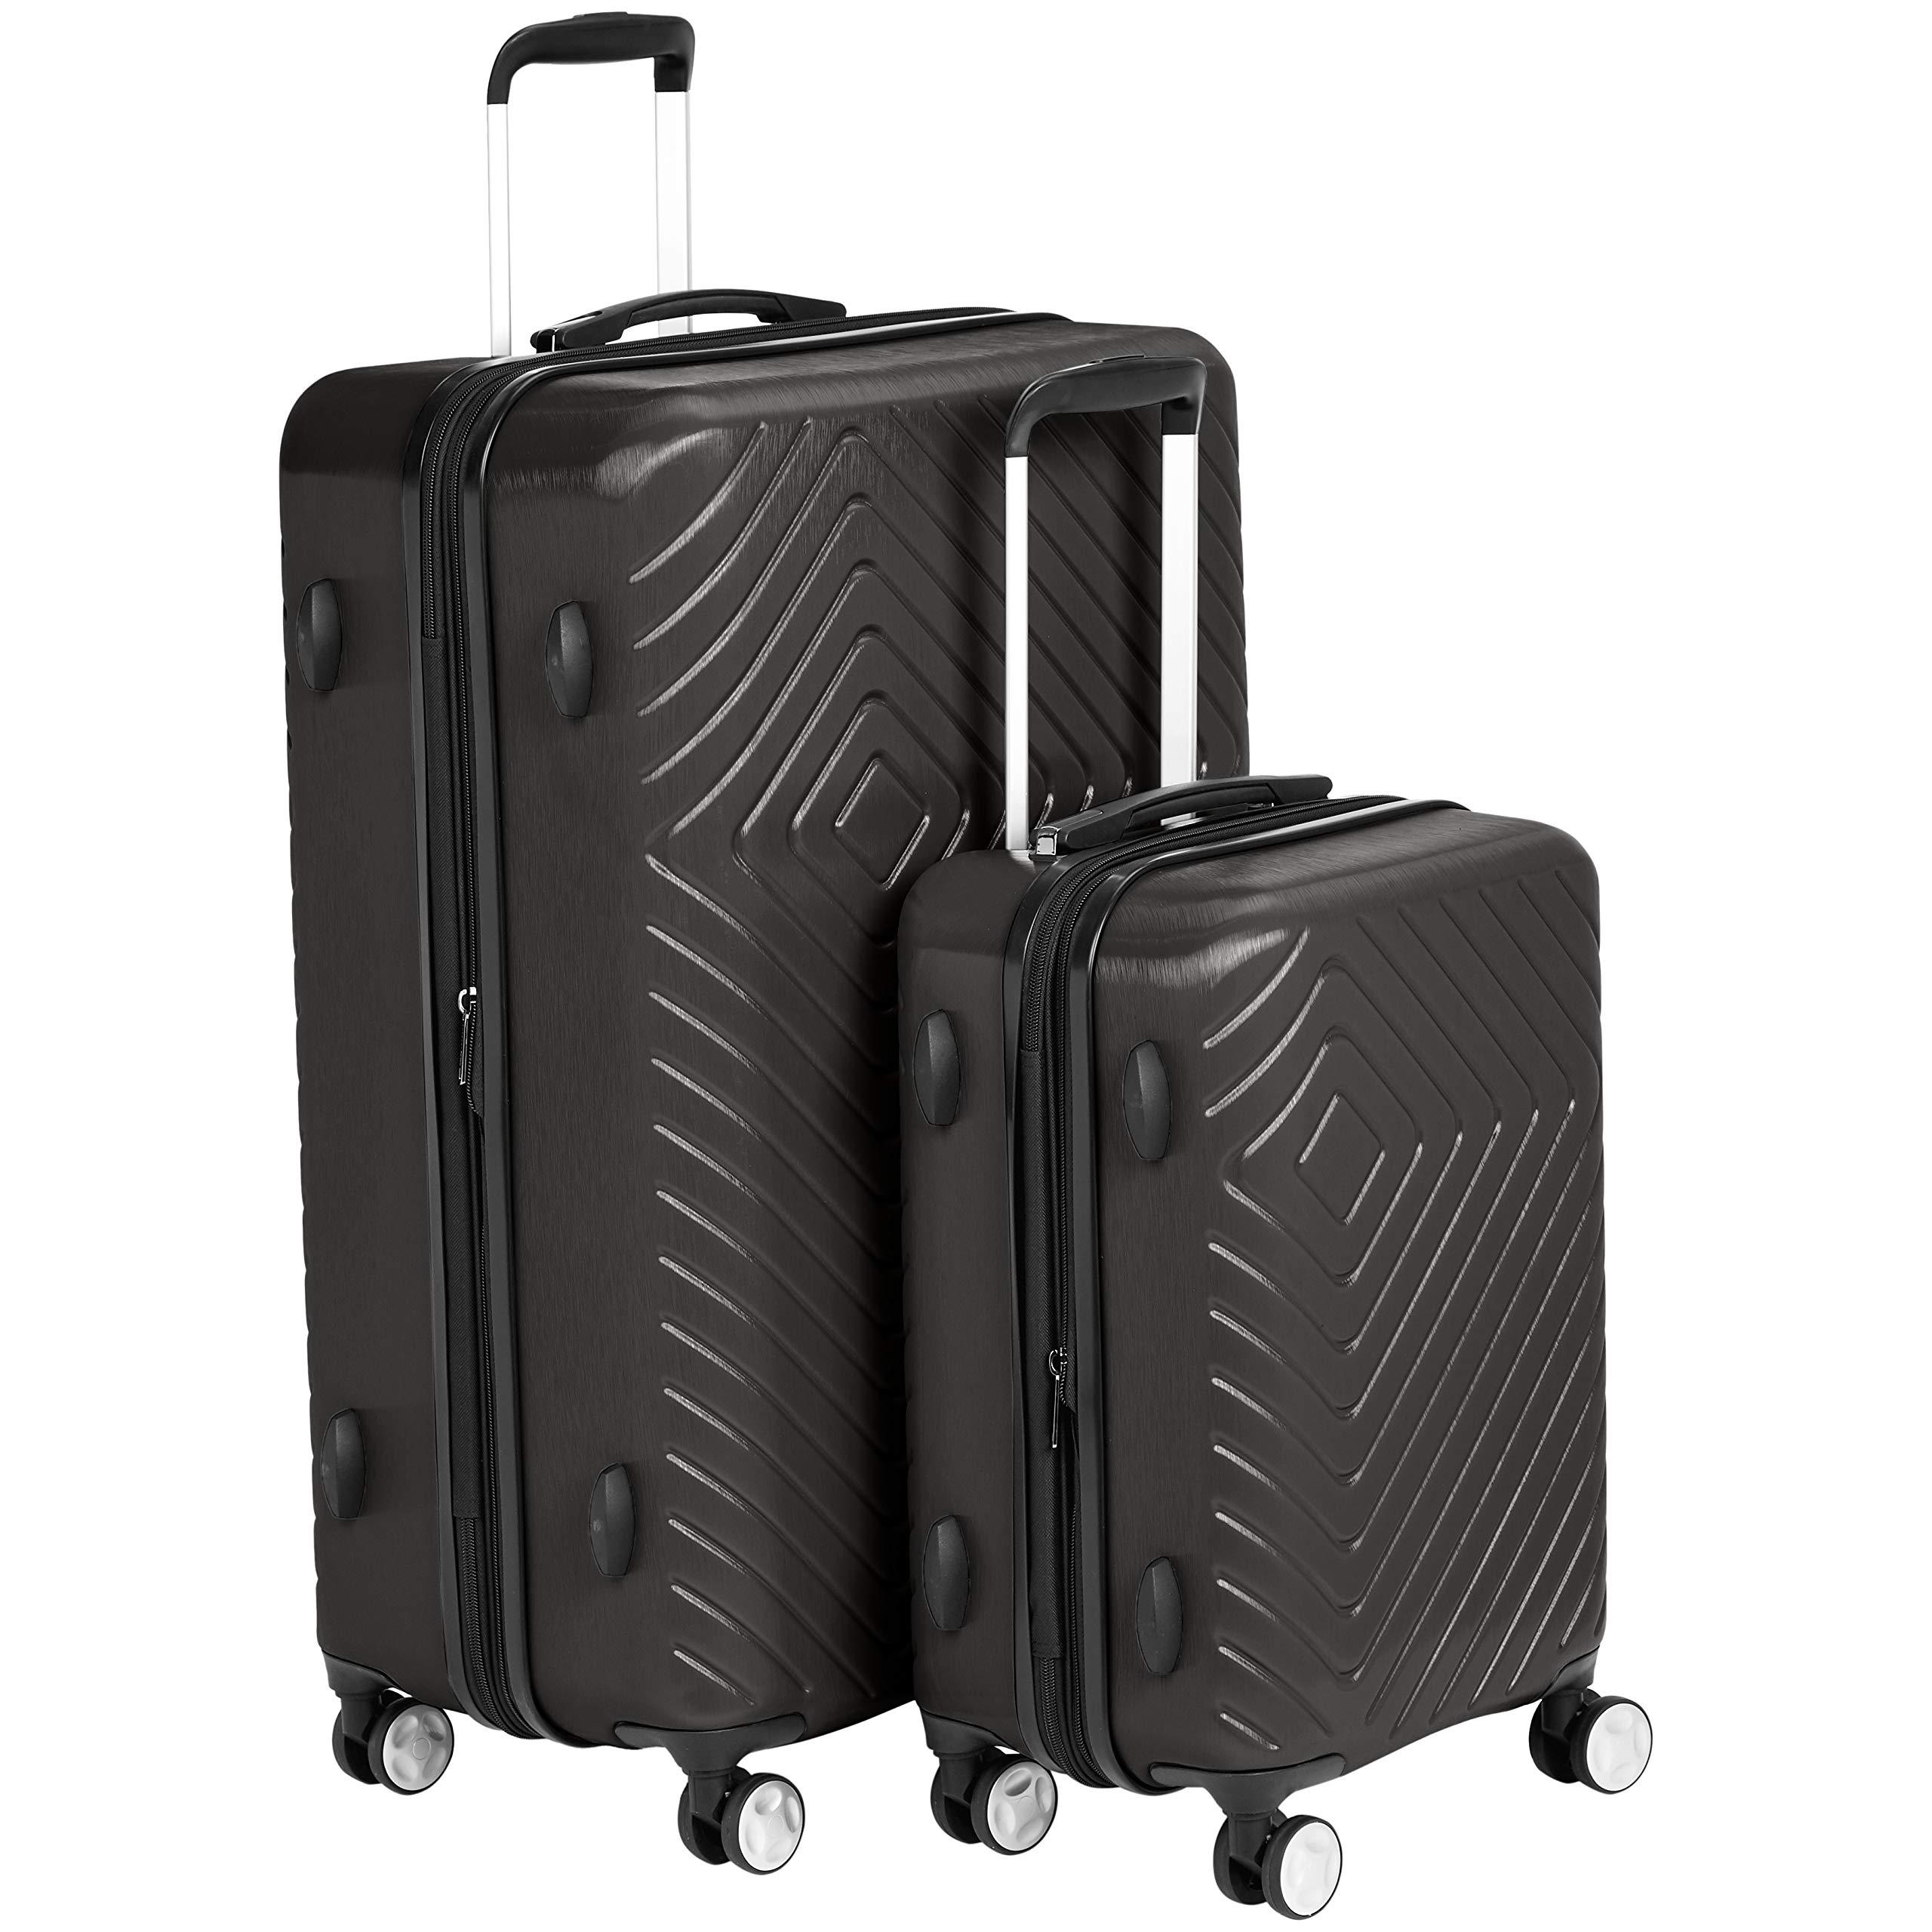 AmazonBasics Geometric Luggage Expandable Suitcase Spinner - 2 Piece Set (20'', 28''), Black